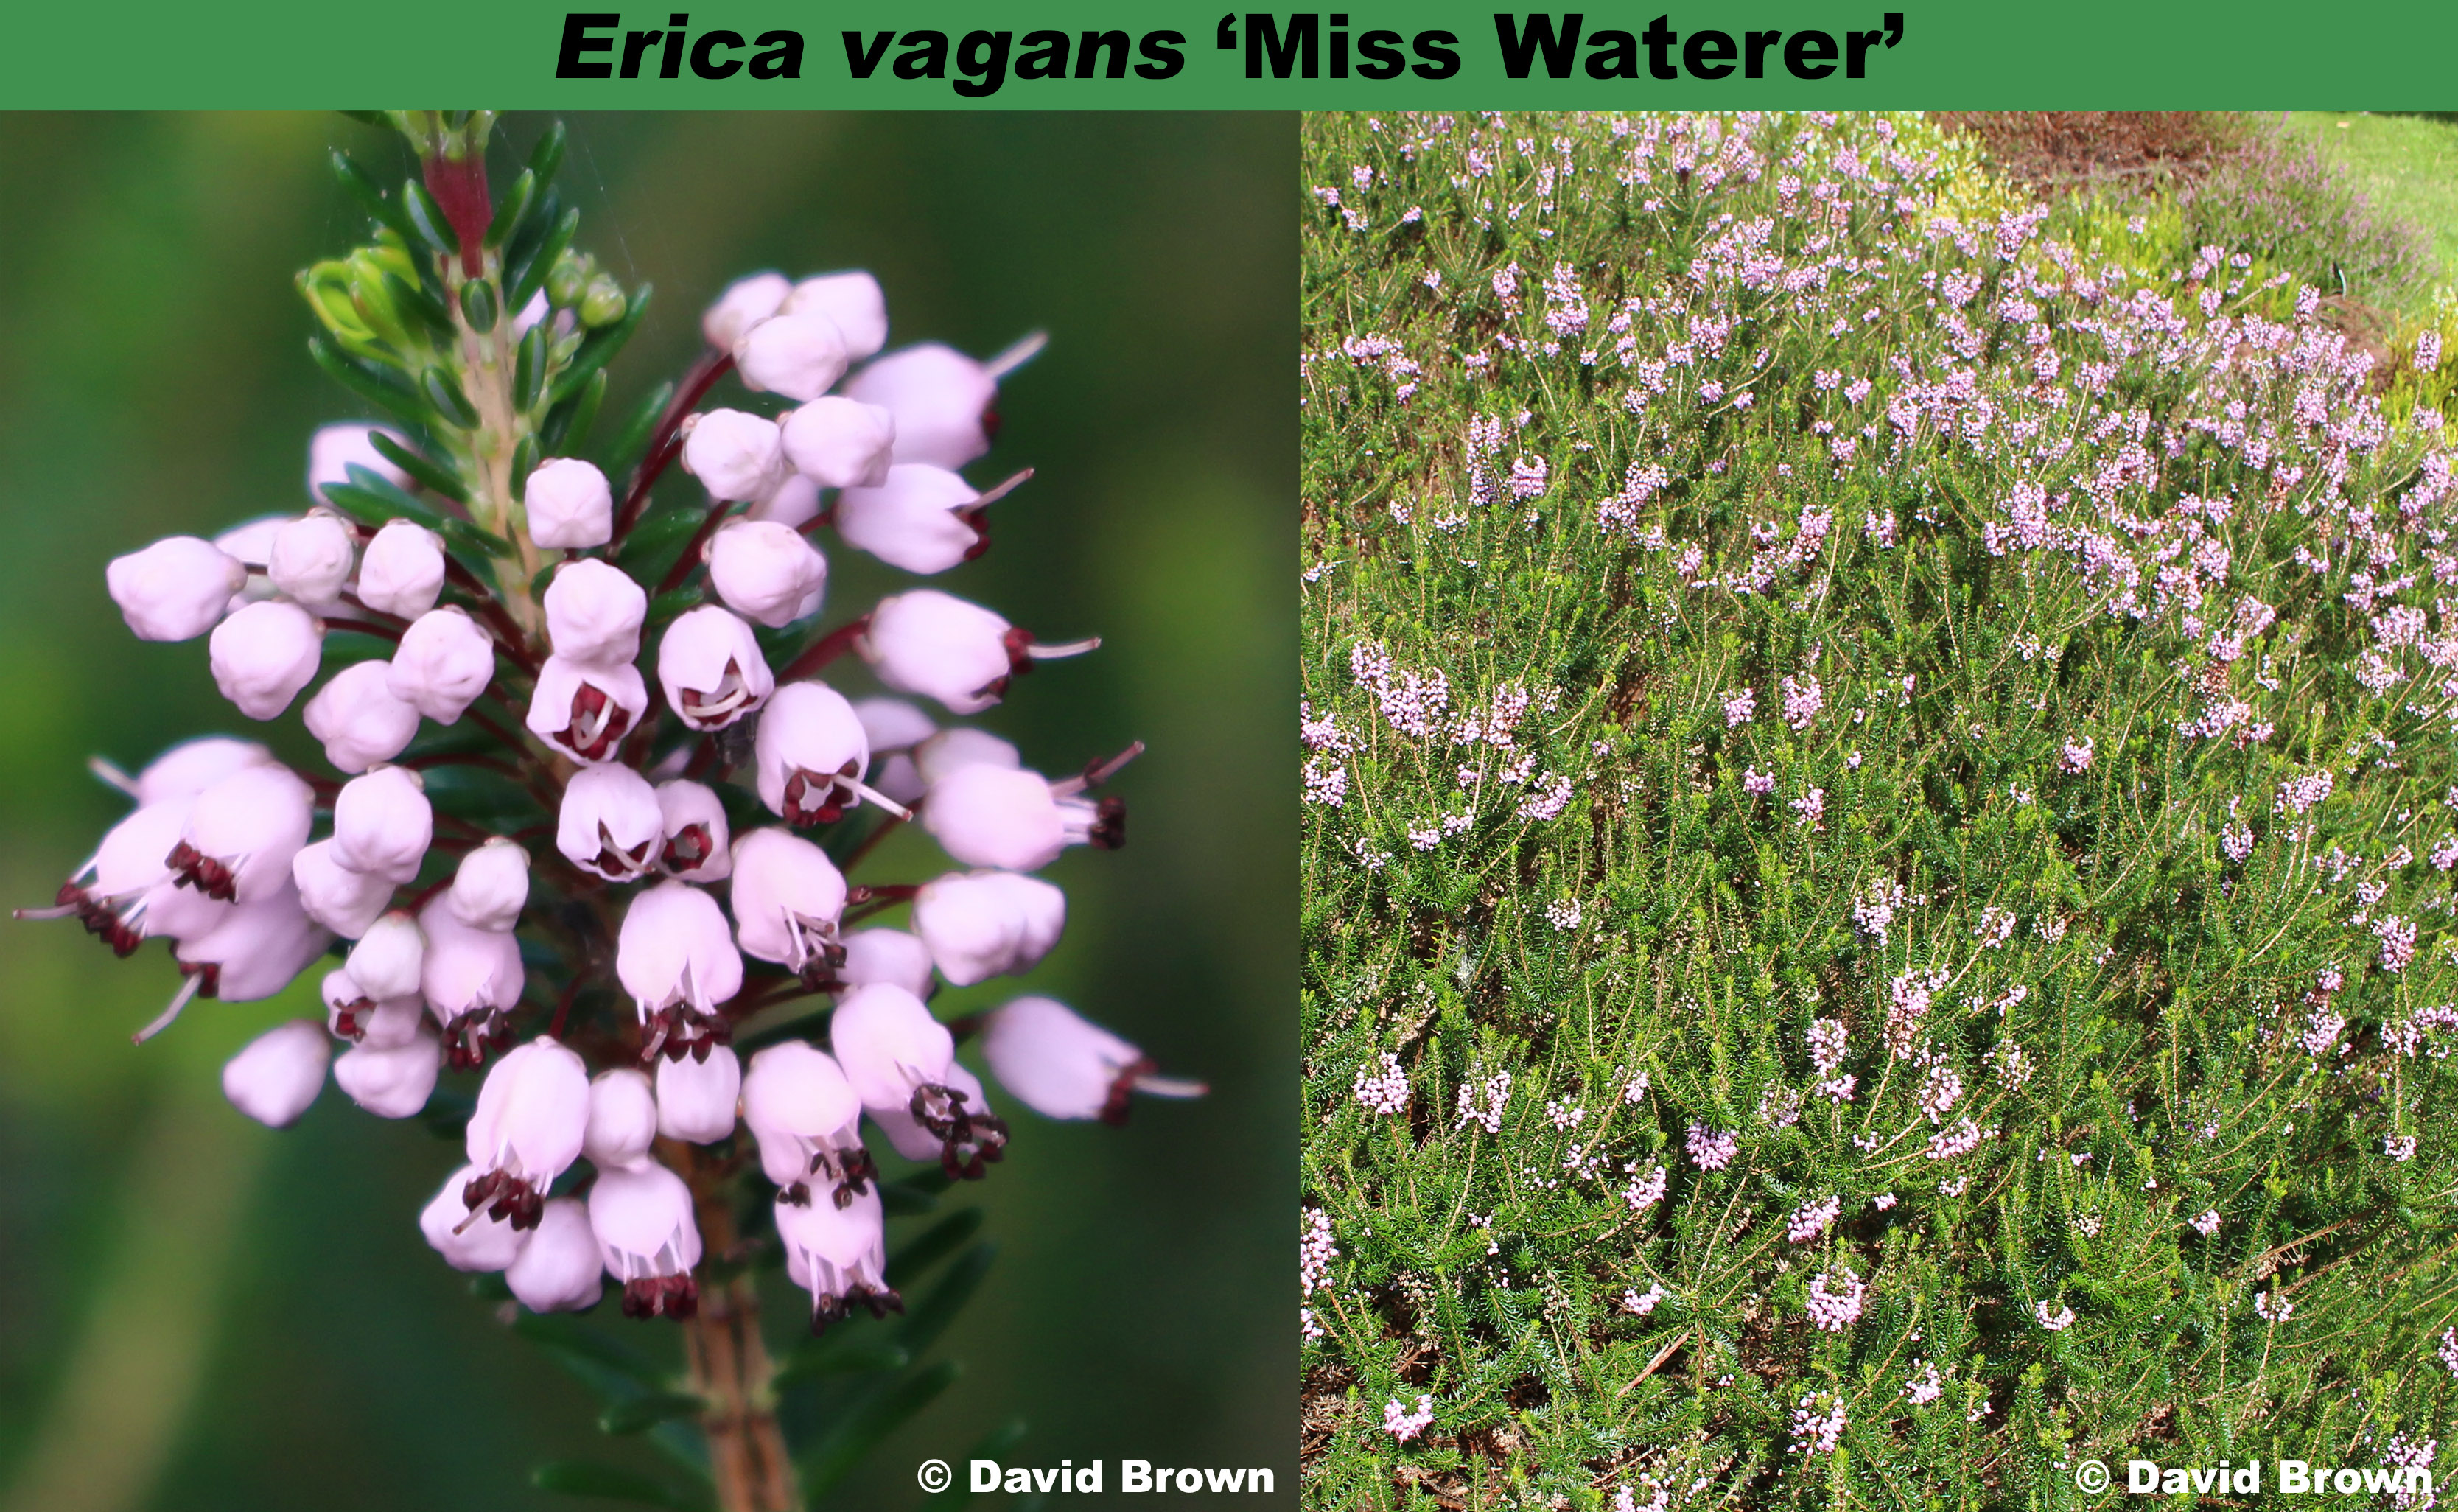 'Miss Waterer'